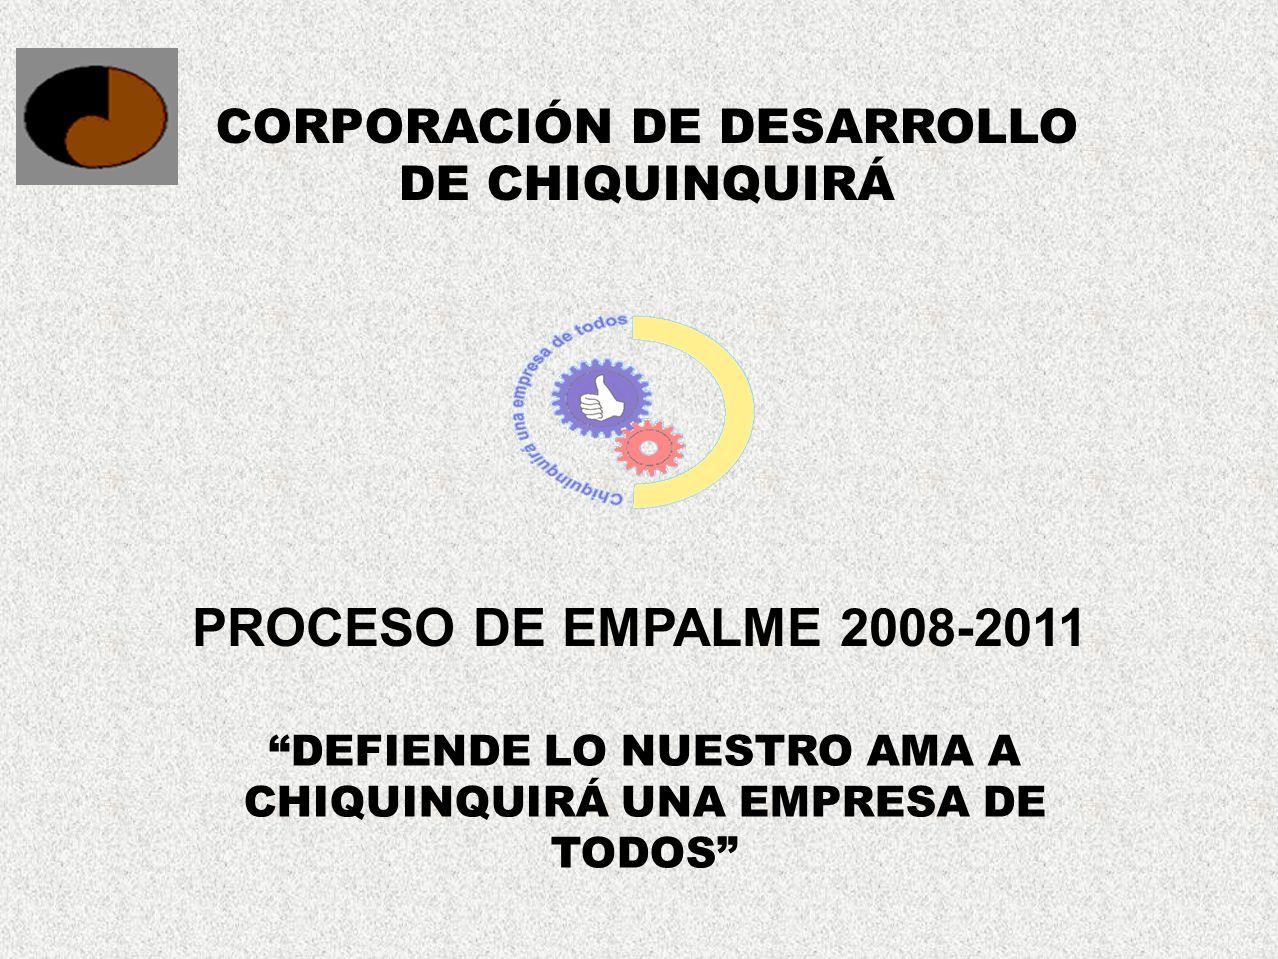 CORPORACIÓN DE DESARROLLO DE CHIQUINQUIRÁ DEFIENDE LO NUESTRO AMA A CHIQUINQUIRÁ UNA EMPRESA DE TODOS PROCESO DE EMPALME 2008-2011